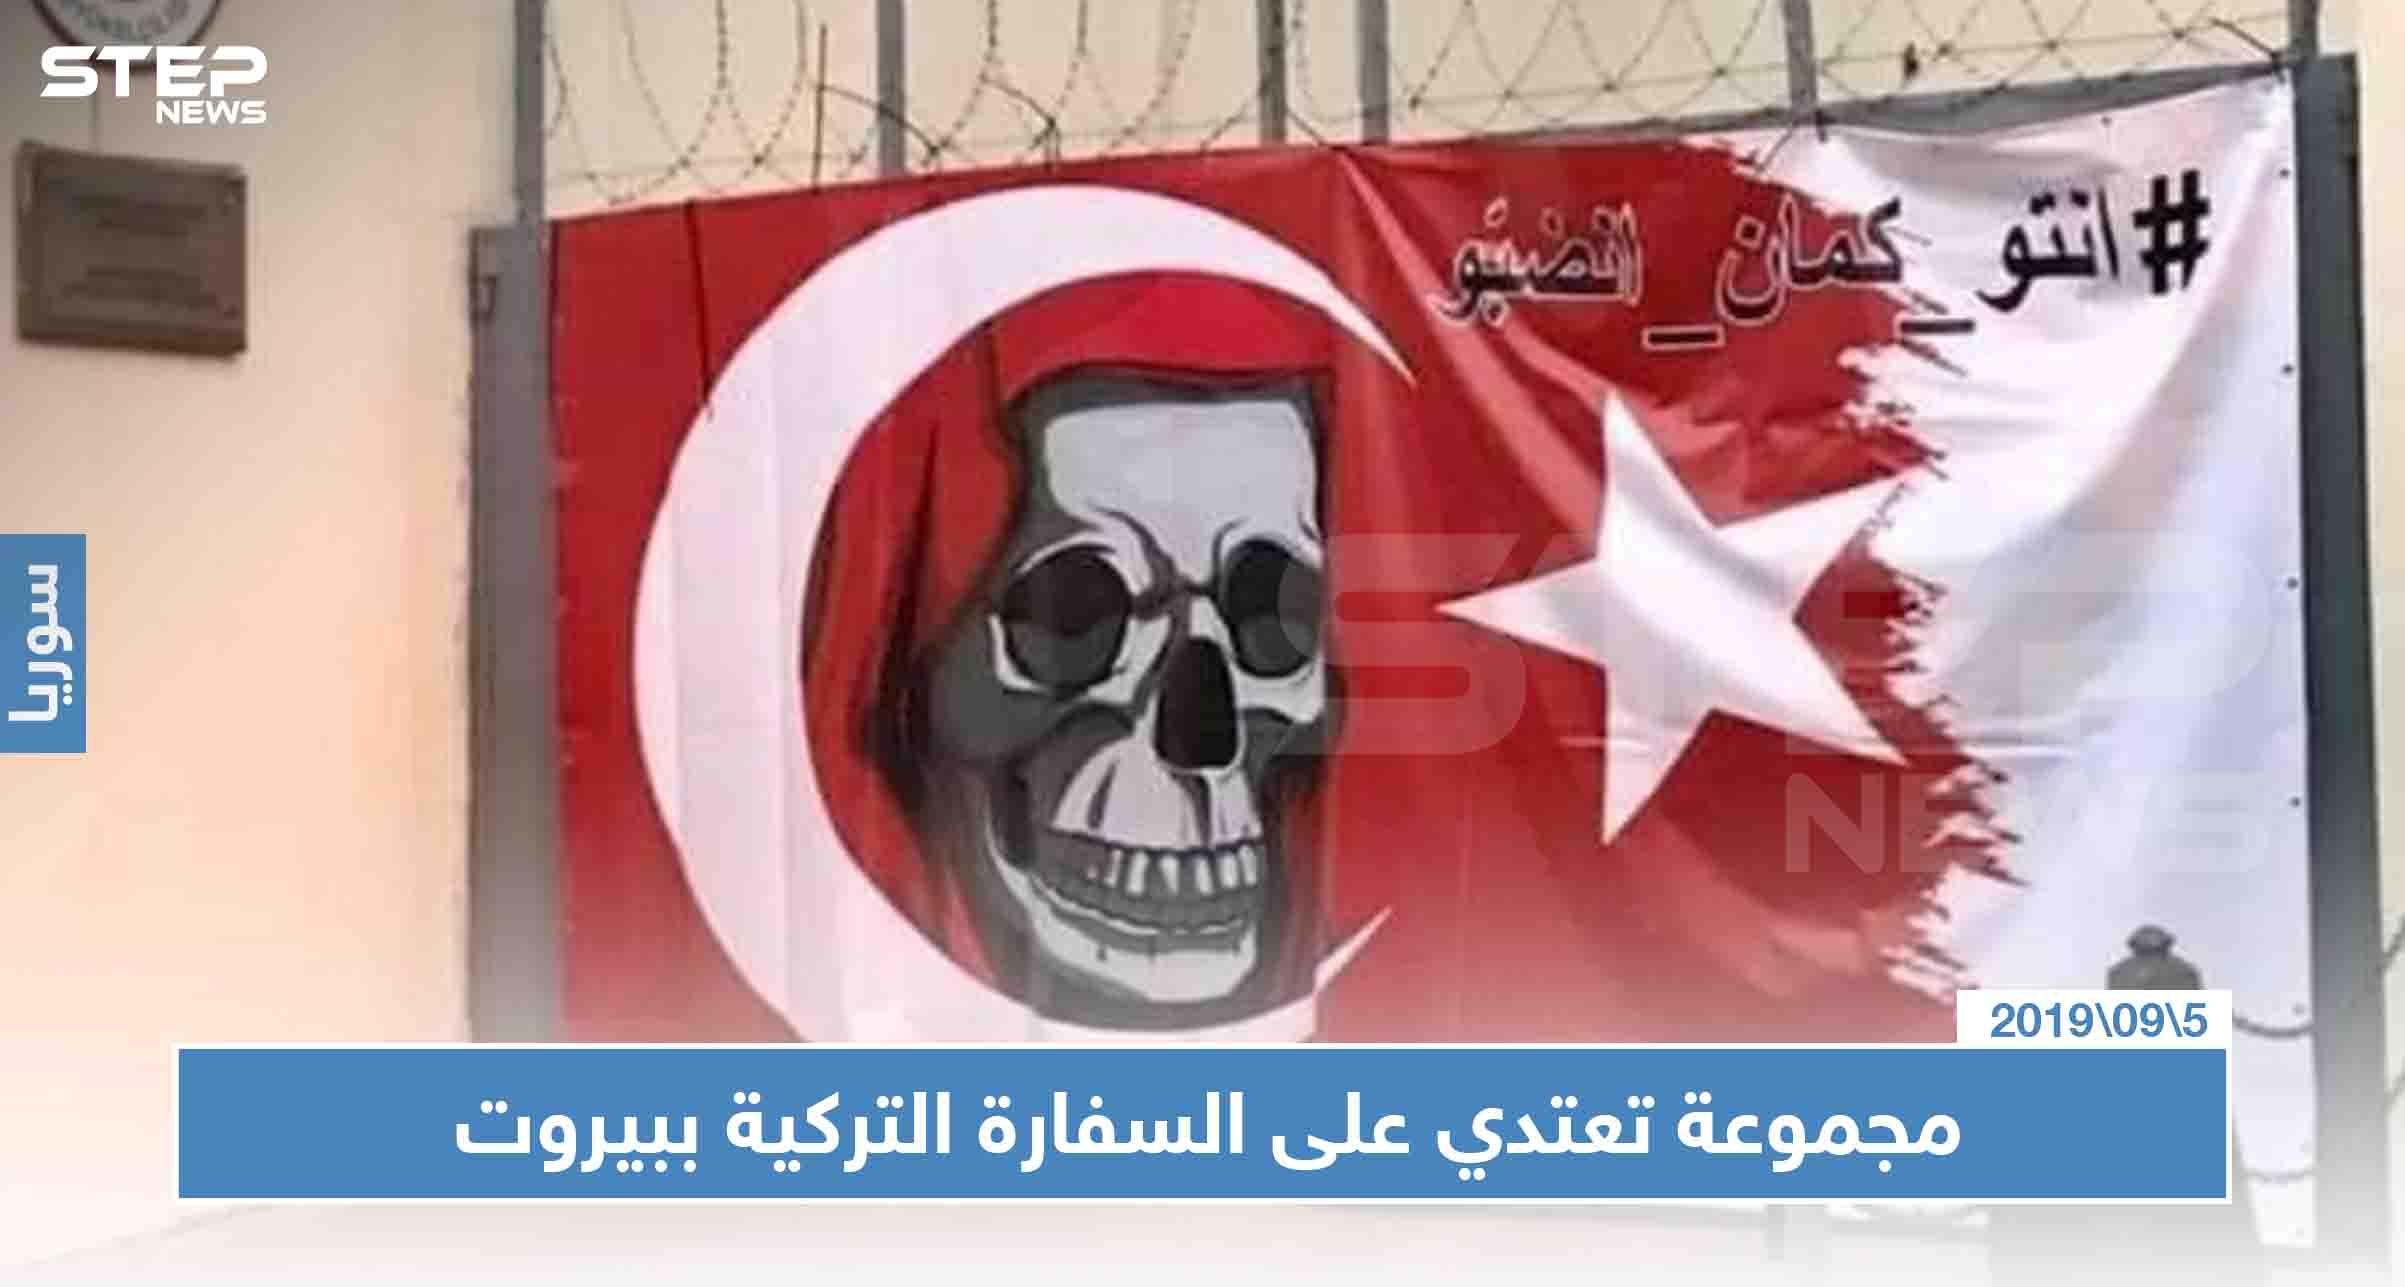 """مقرّبون من الرئيس """"عون"""" يعتدون على السفارة التركية في لبنان مشبهين تركيا بـ""""إسرائيل"""""""